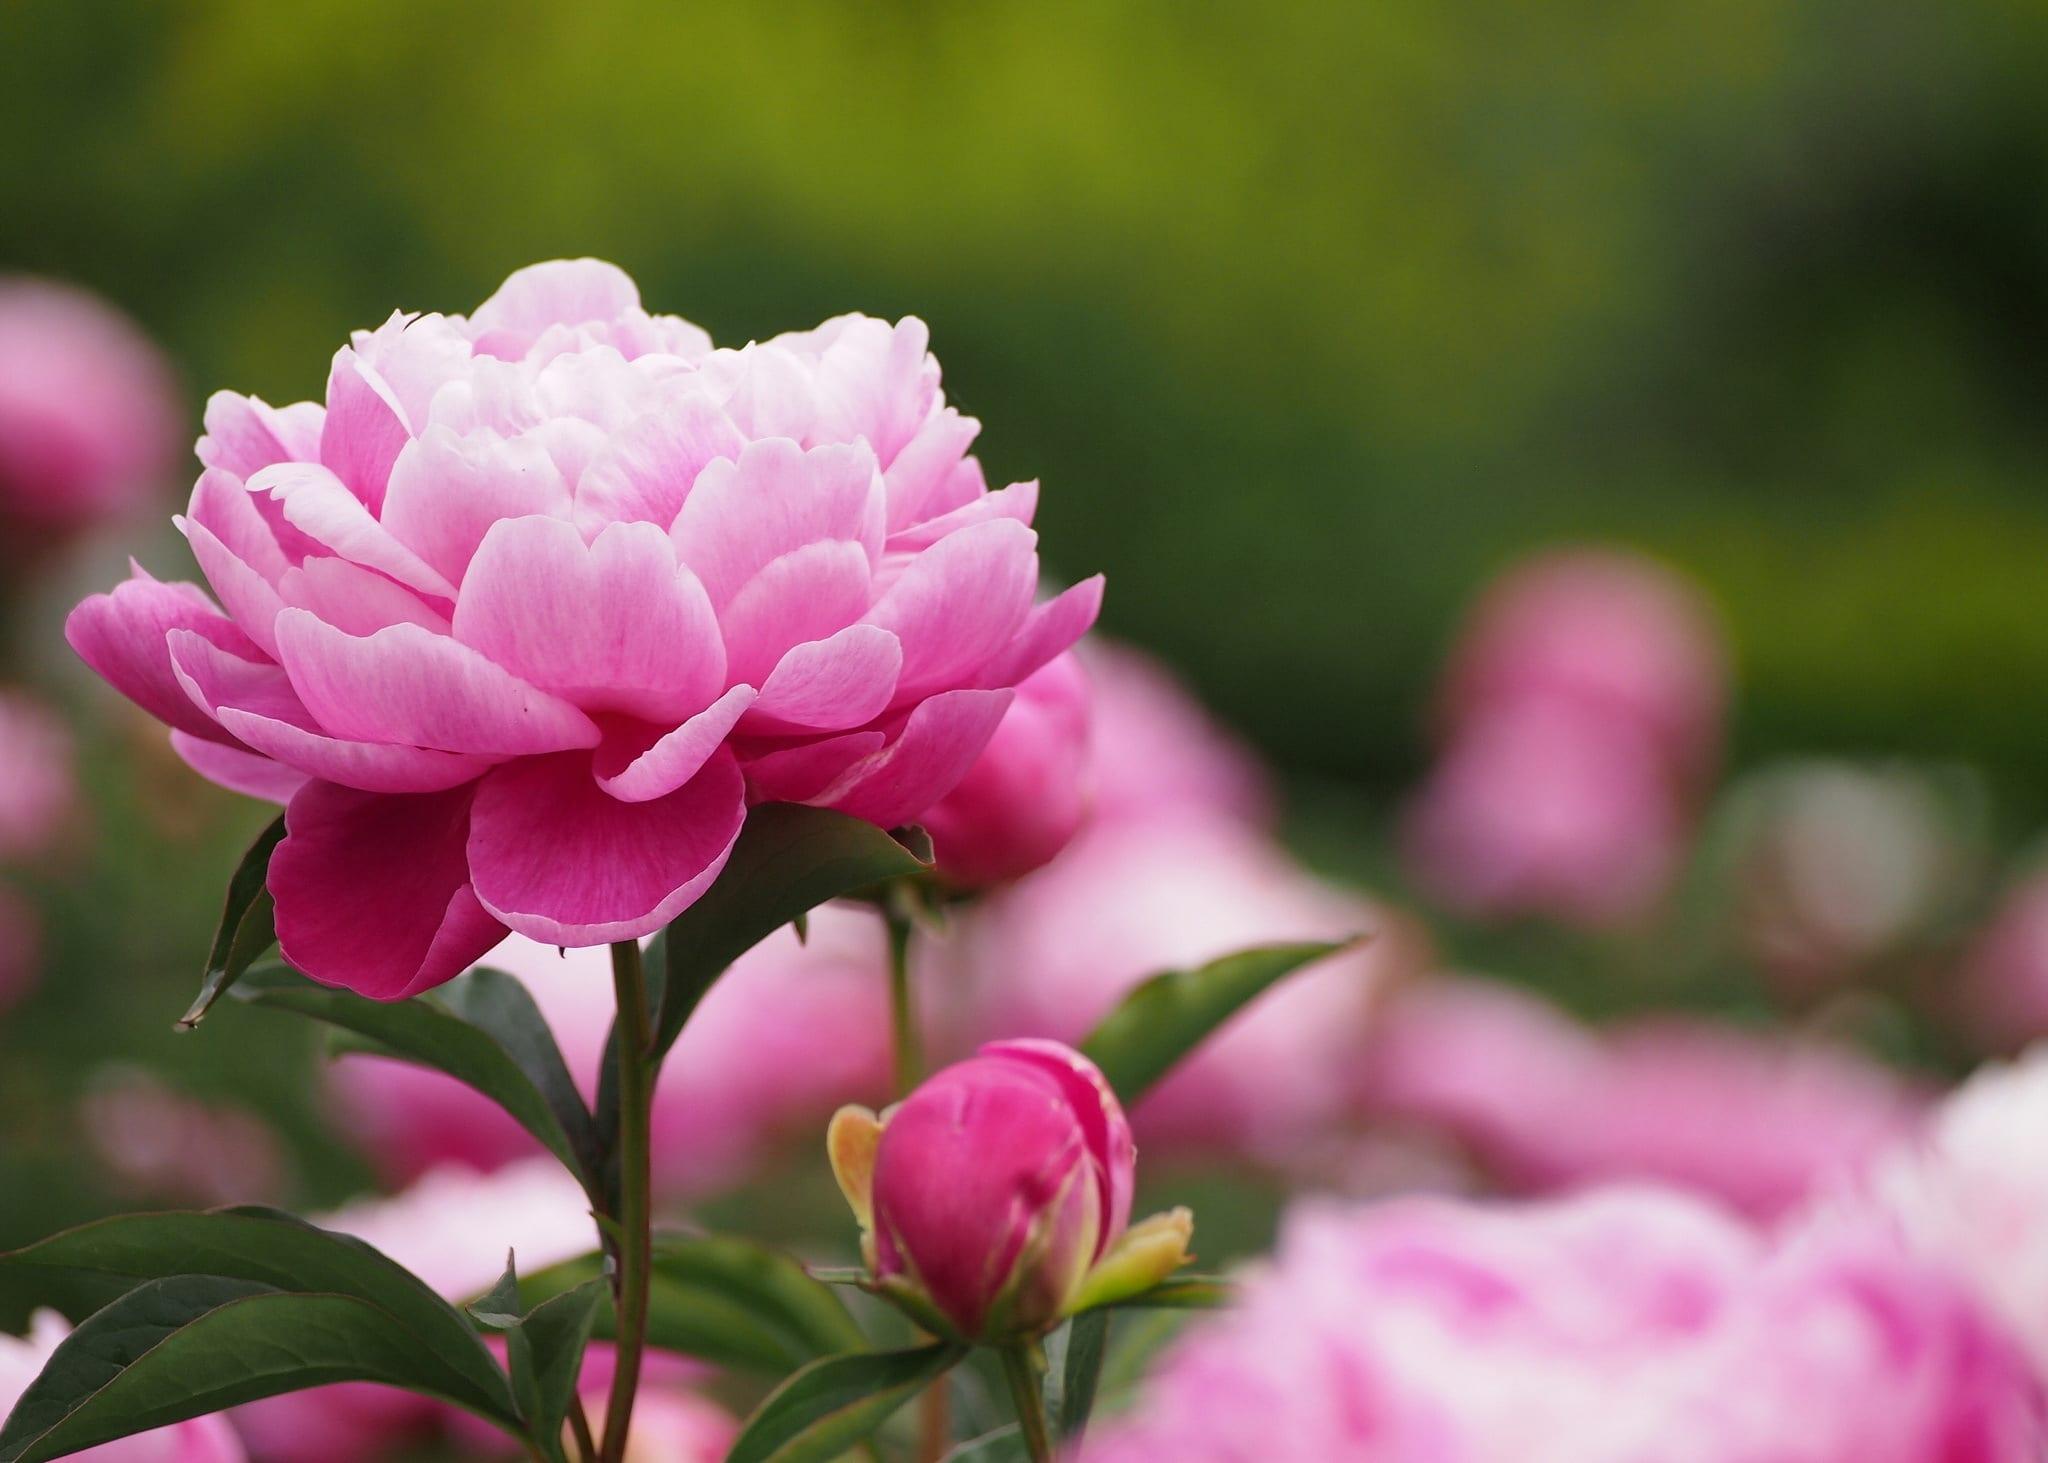 33 blumensorten für den bauerngarten - freshouse, Garten ideen